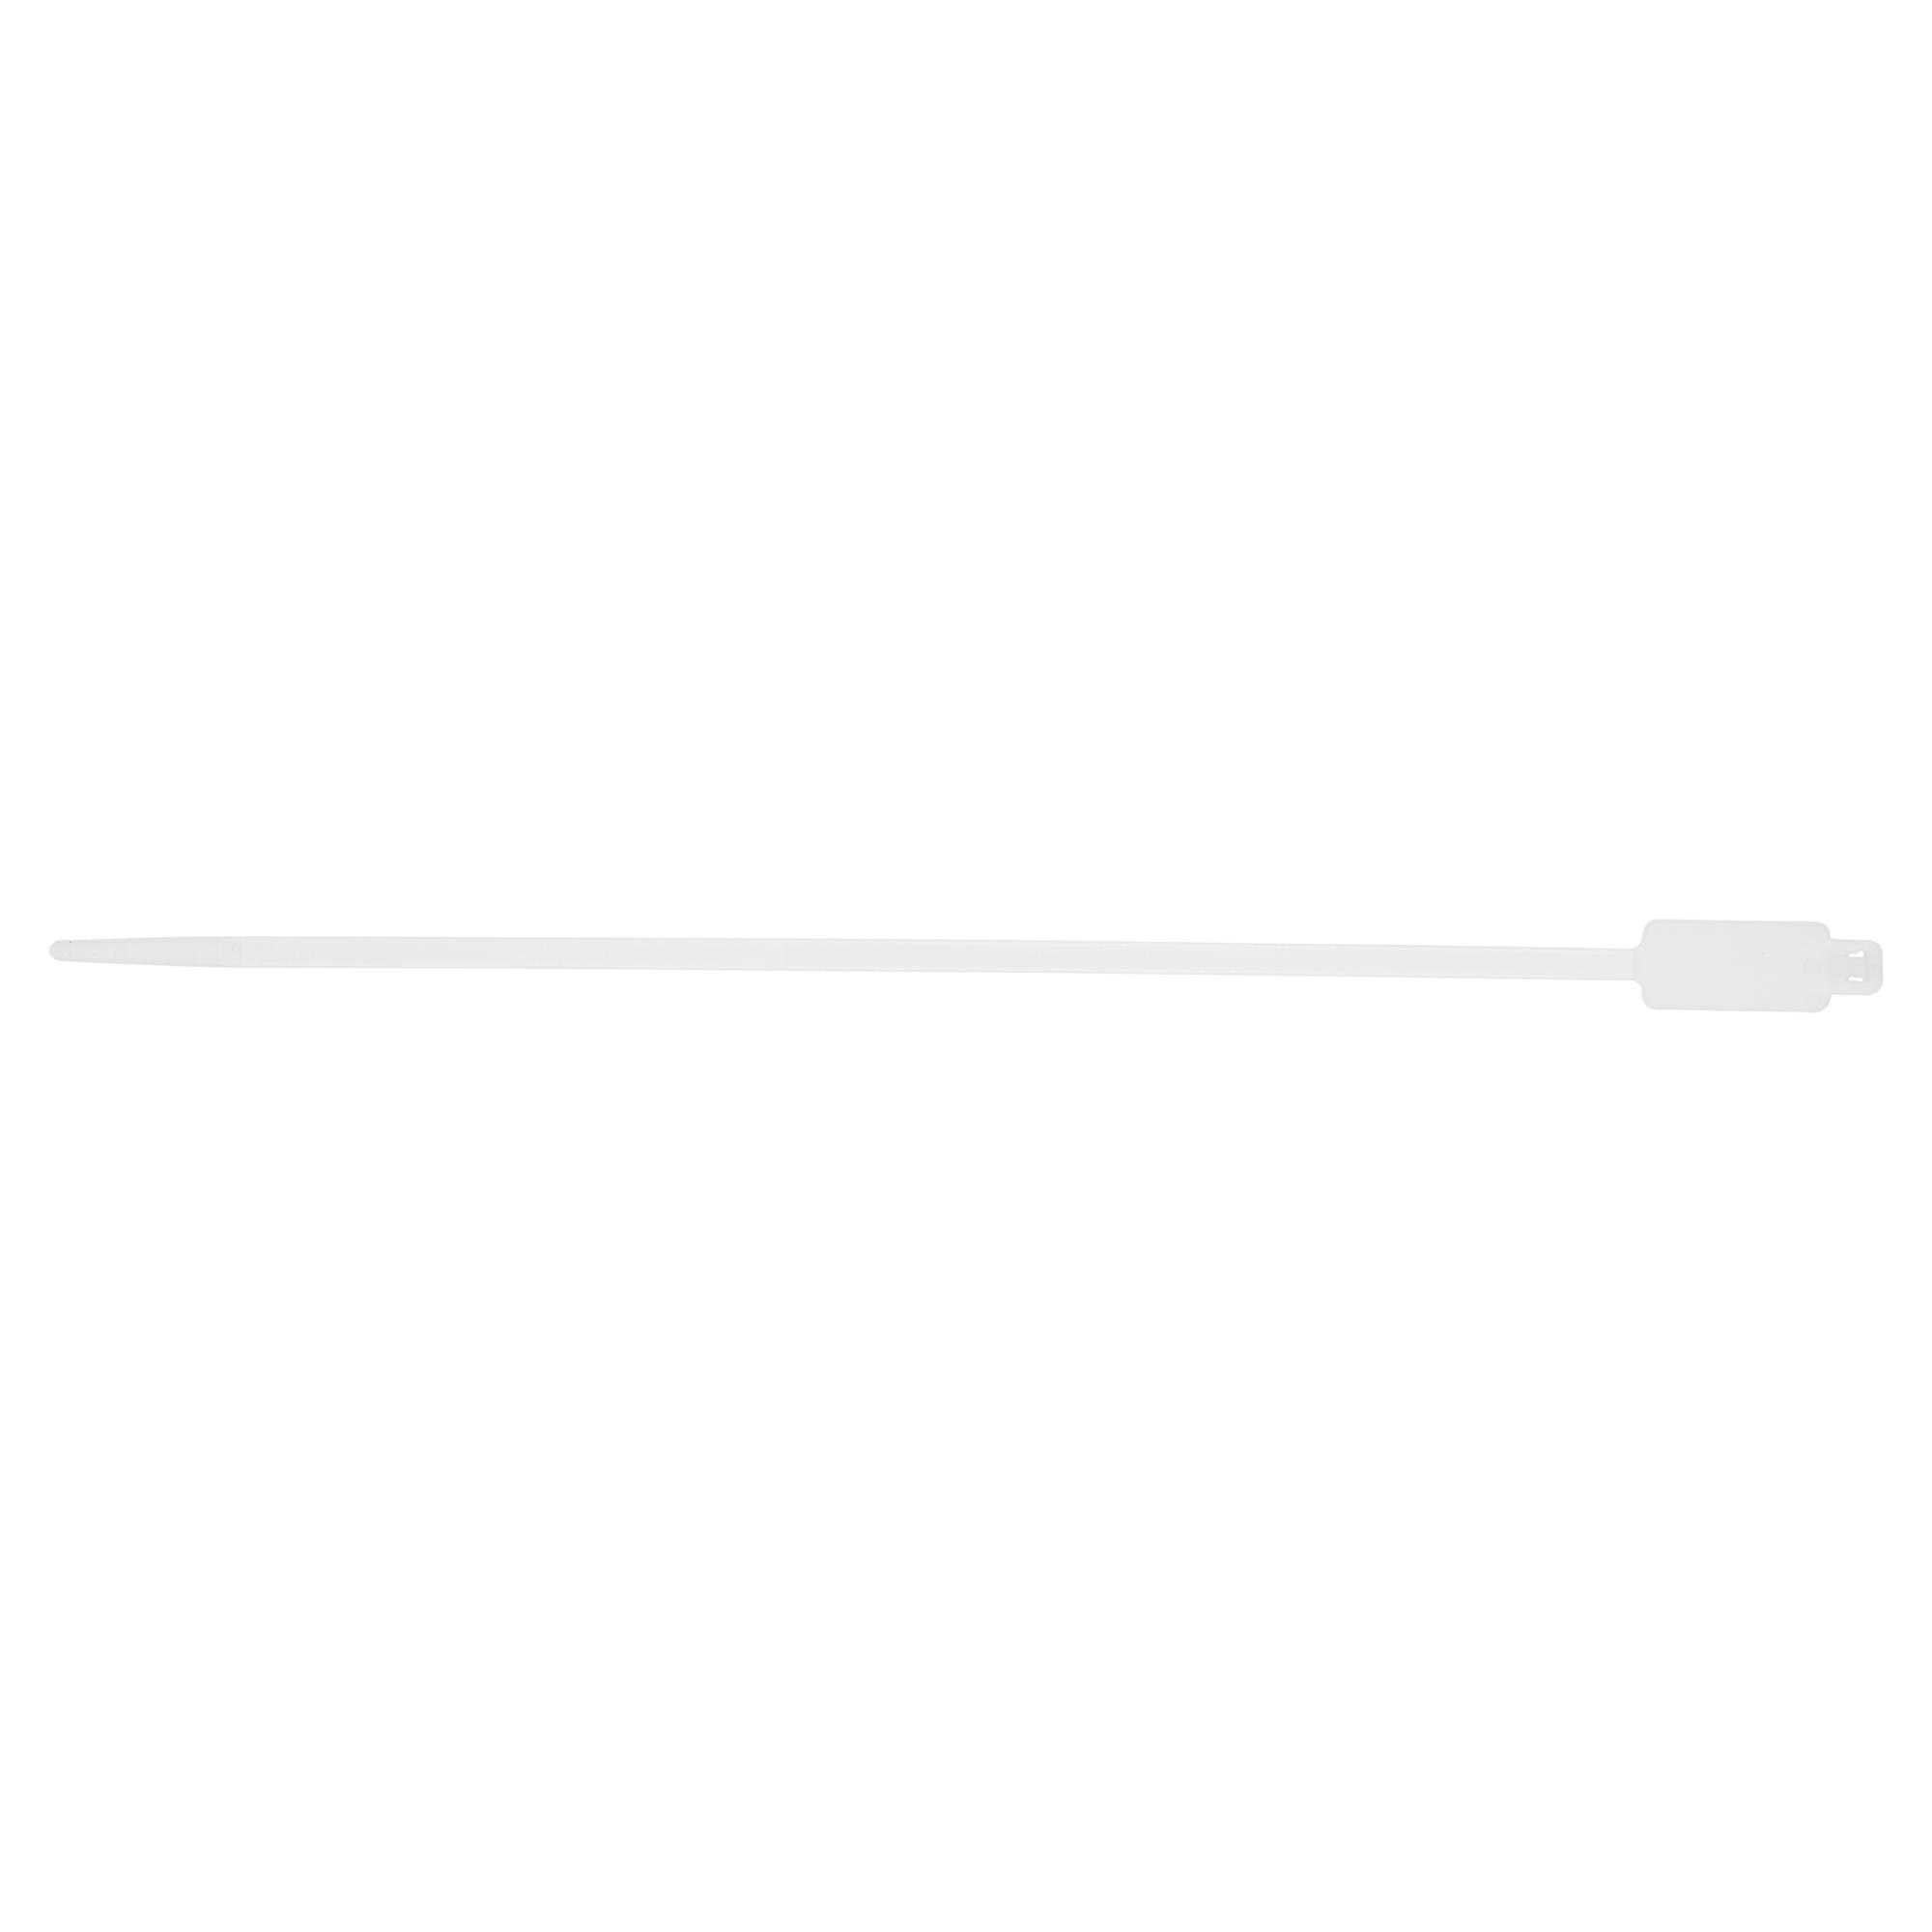 4E D3 Satz original LAUNCH RDK Sensoren 2002-2011 4 Stk passt für Audi A8